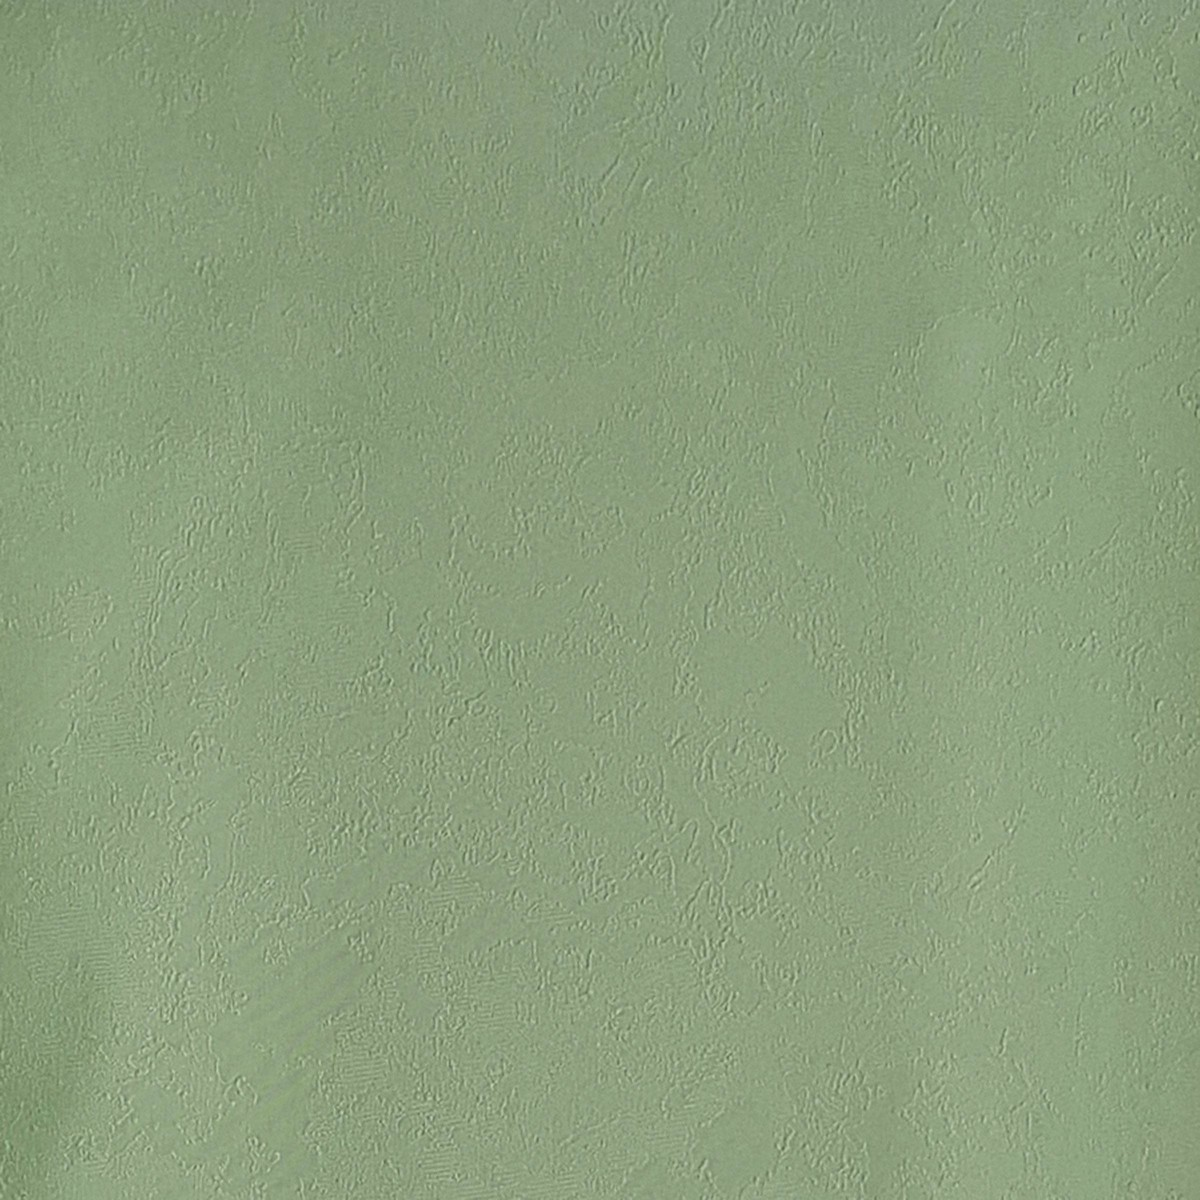 Обои флизелиновые G`Boya Fashion I зеленые 240513 1.06 м